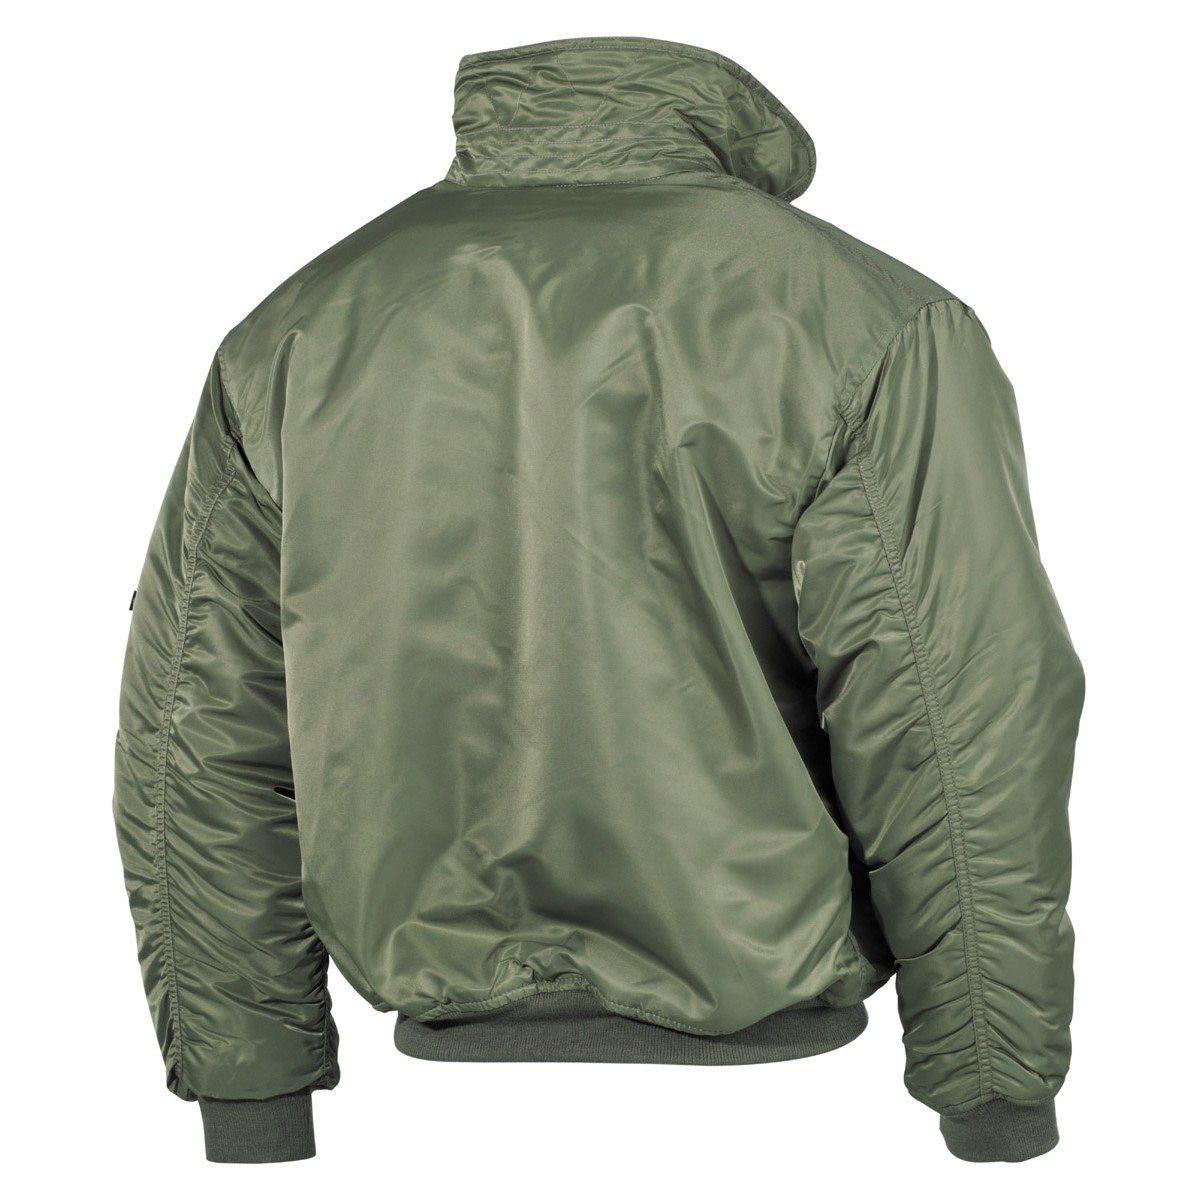 Jacket CWU OLIVE MFH int. comp. 03752B L-11